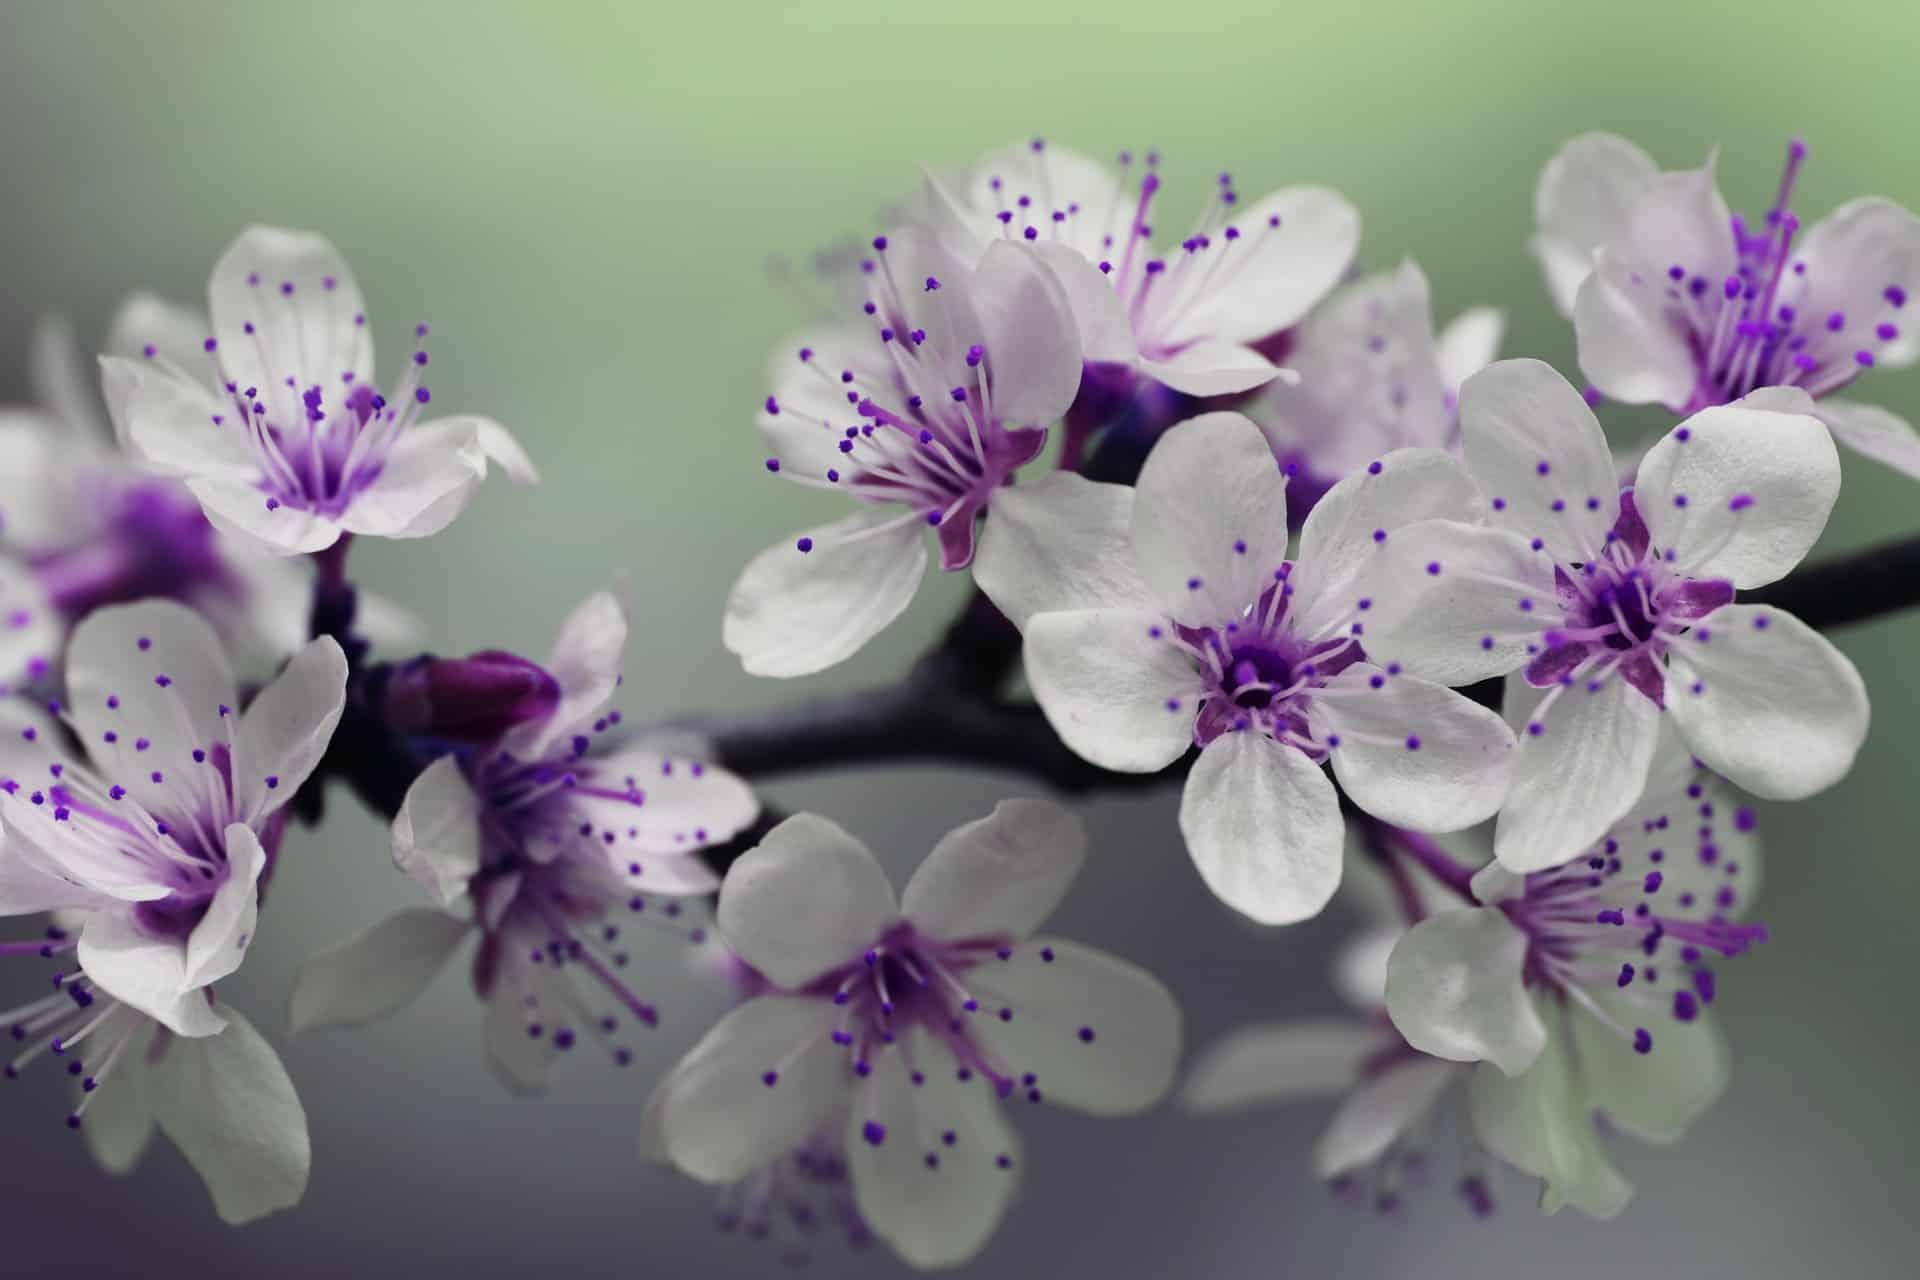 Die schöne Natur im eigenen Garten